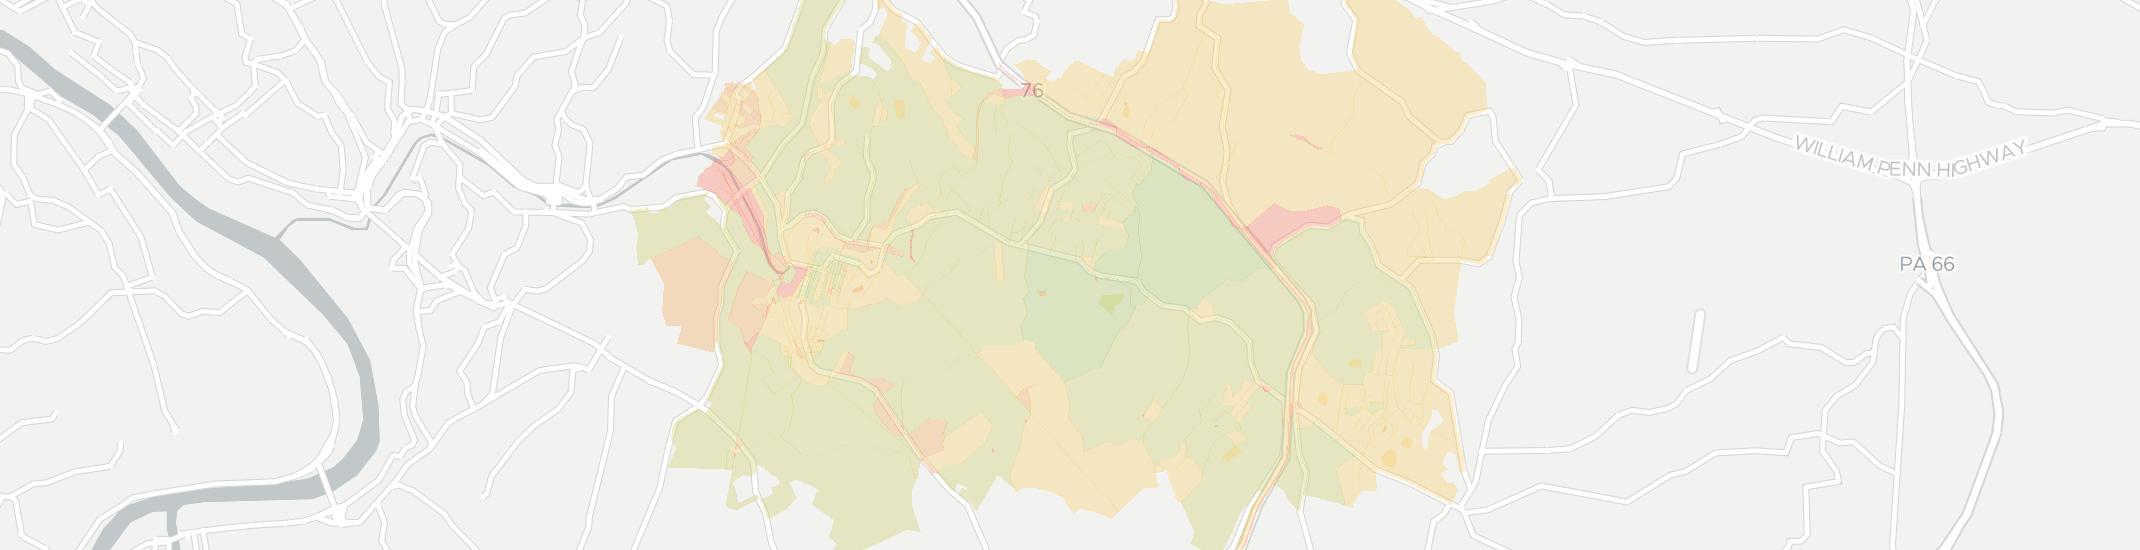 The 7 Best Trafford, PA Internet Service Providers (Aug 2019) Map Of Trafford Pa on larimer pa map, durham pa map, thomasville pa map, city of carlisle pa map, ben avon heights pa map, rogersville pa map, north strabane pa map, county line pa map, versailles pa map, glasgow pa map, harrison city pa map, forward township pa map, robertsdale pa map, highland lake pa map, rosslyn farms pa map, camden pa map, plumville pa map, whitaker pa map, mt. lebanon pa map, timblin pa map,